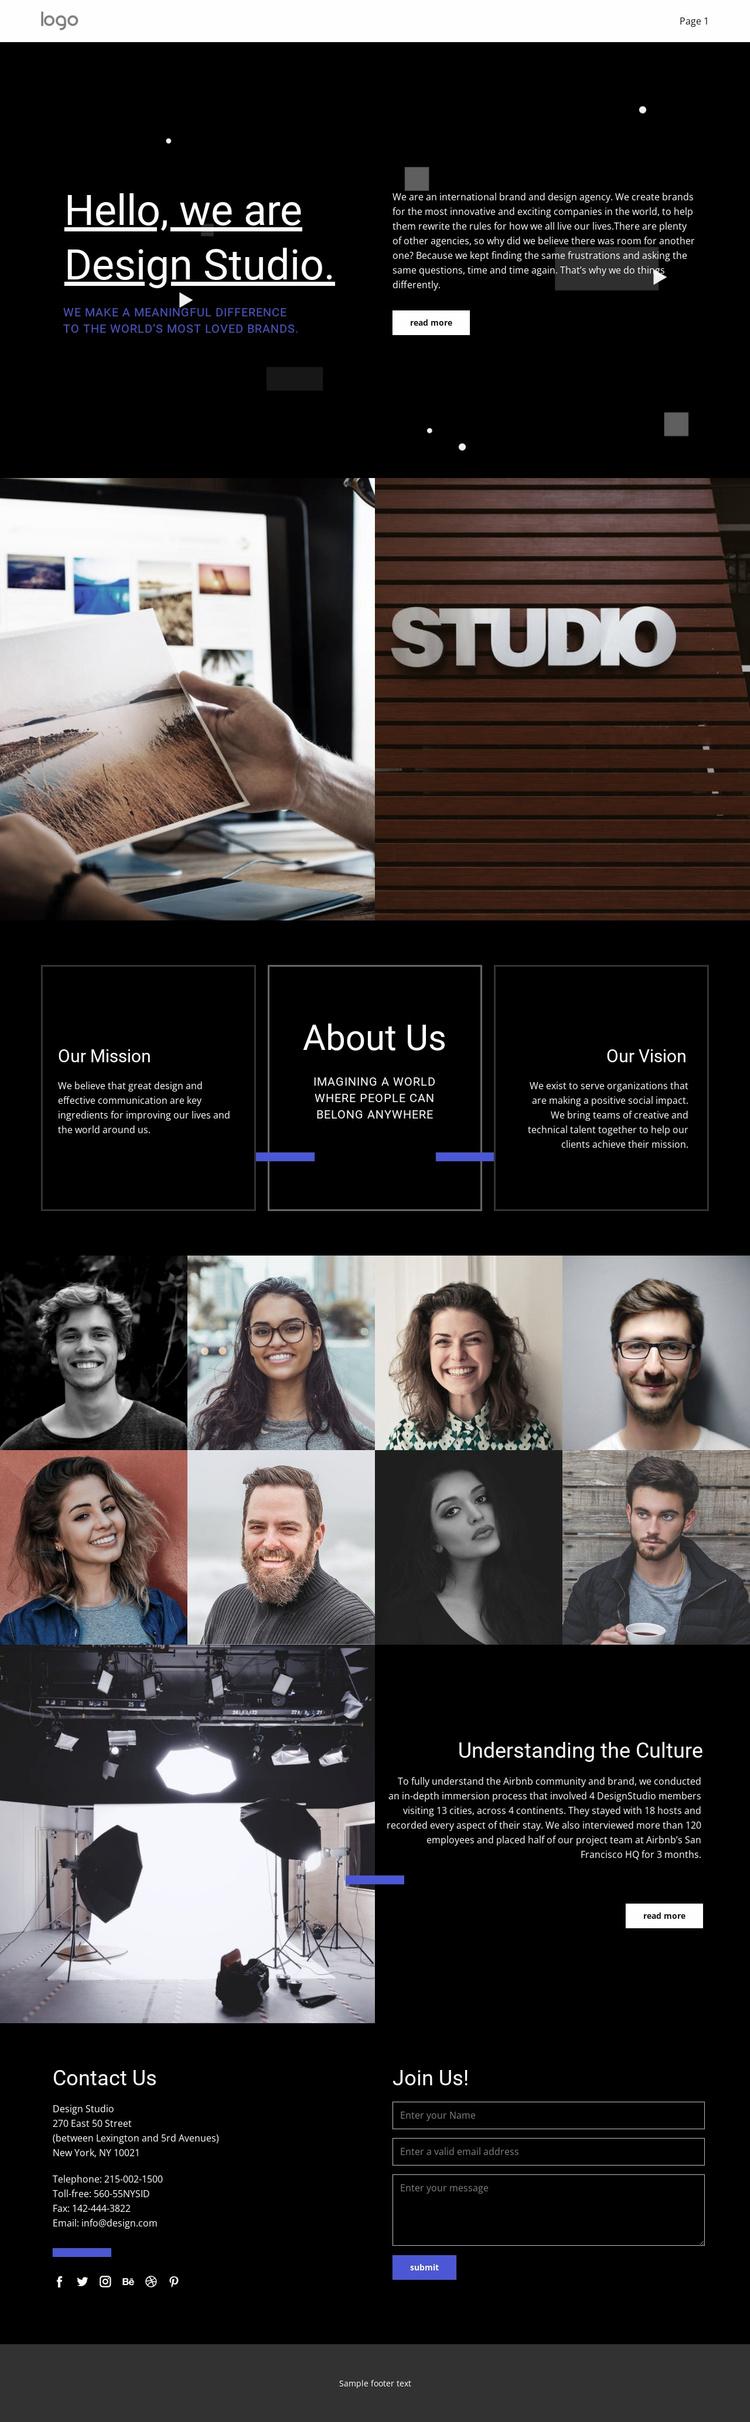 Our design is unique Website Template